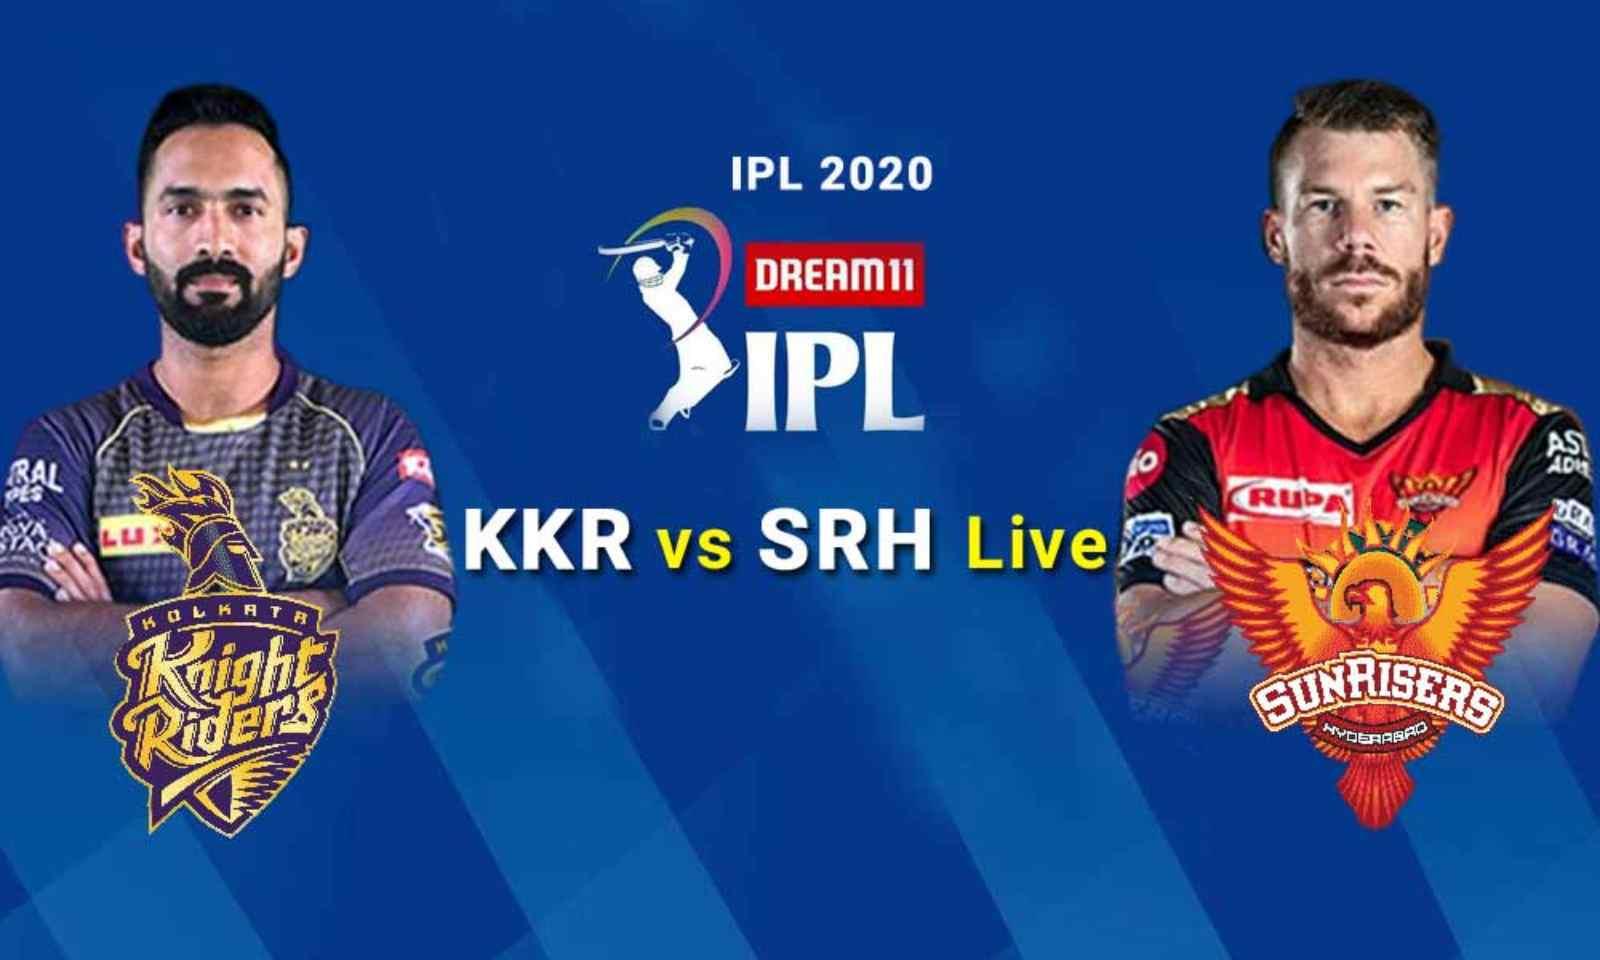 IPL Live Score,KKR vs SRH लाइव अपडेट्स: सनराइजर्स हैदराबाद के बाद कोलकाता नाइट राइडर्स शीर्ष पर, डेविड वार्नर, जॉनी बेयरस्टो